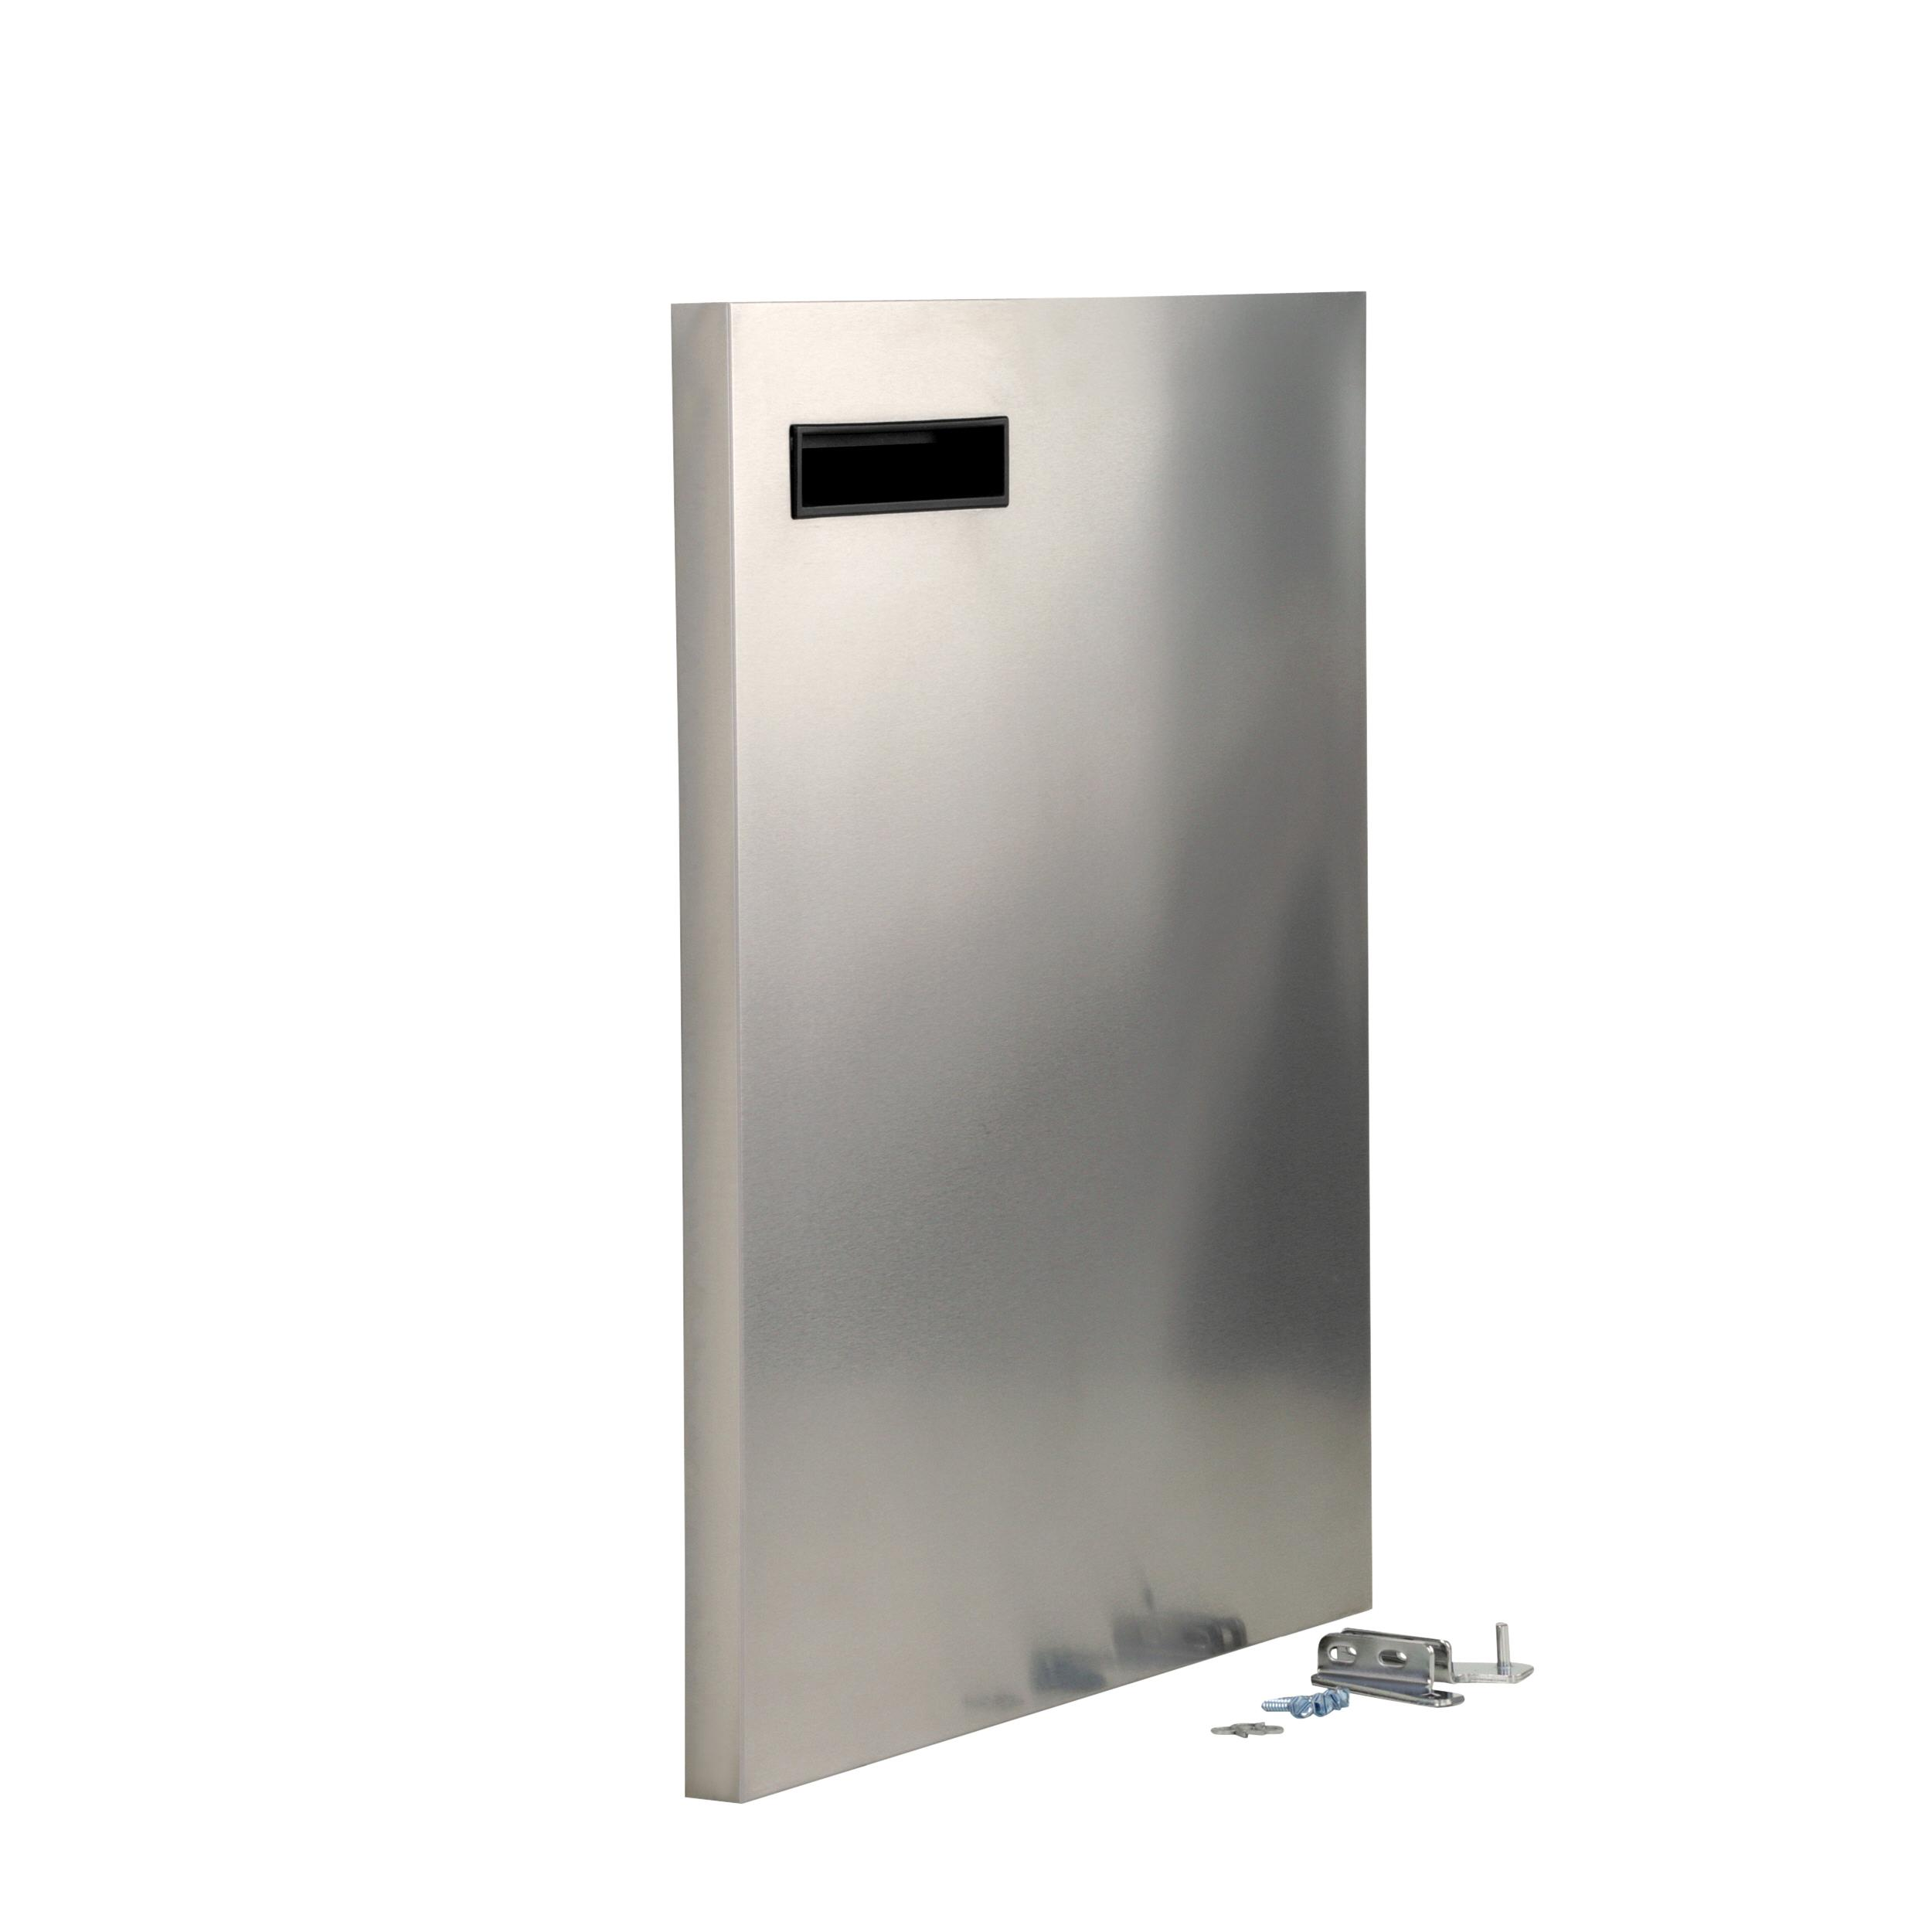 DELFIELD DOOR RH 24 4400S